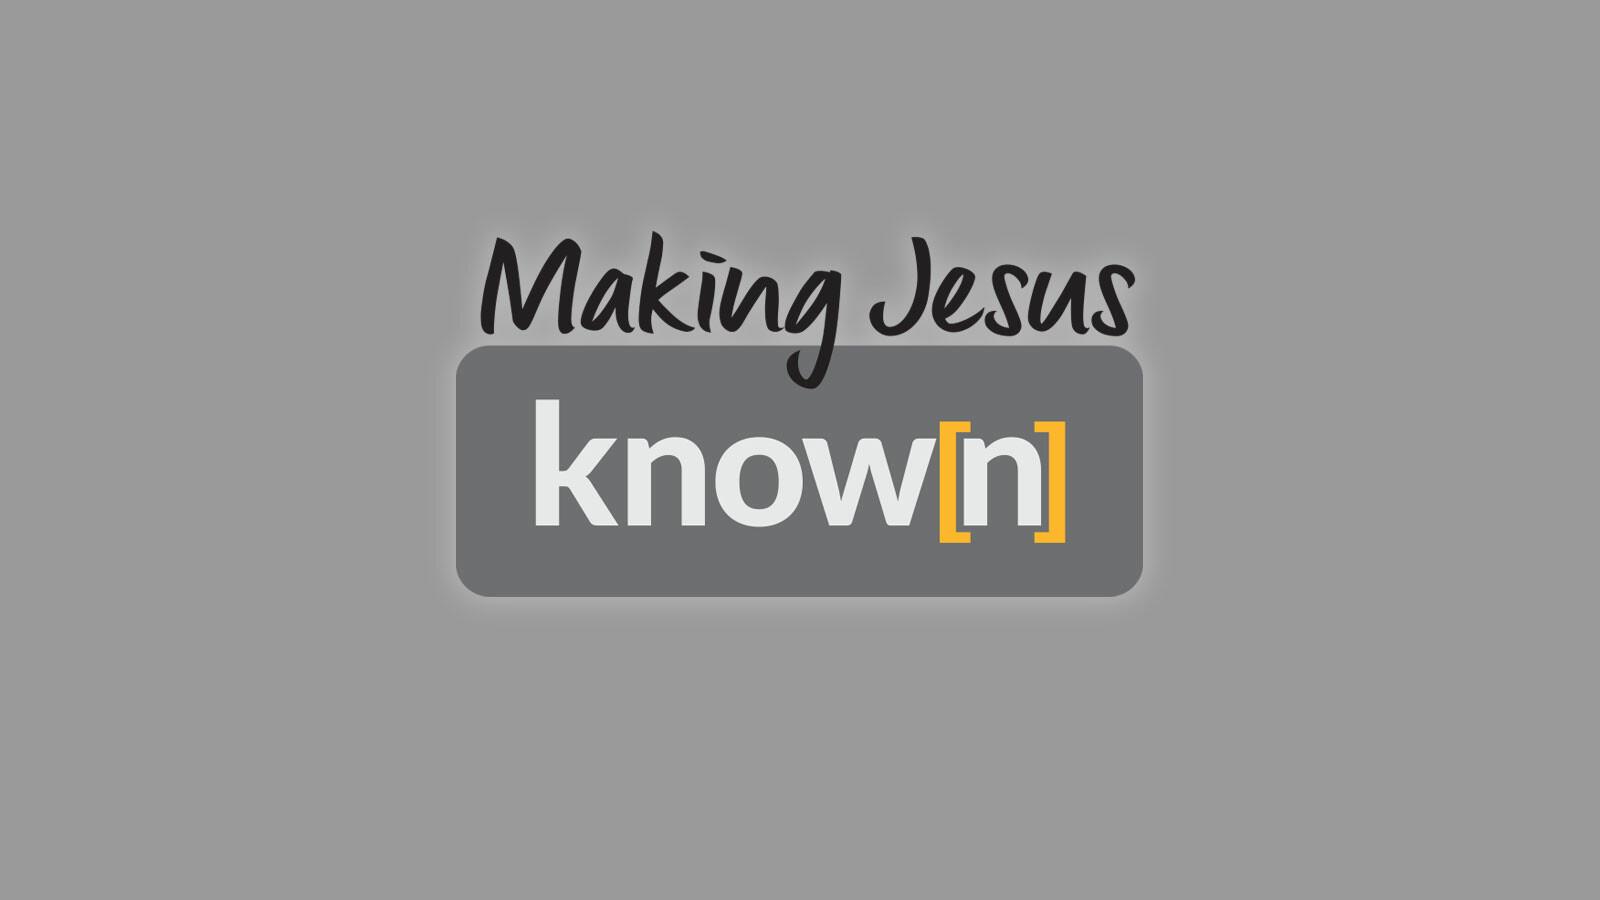 Making Jesus Known